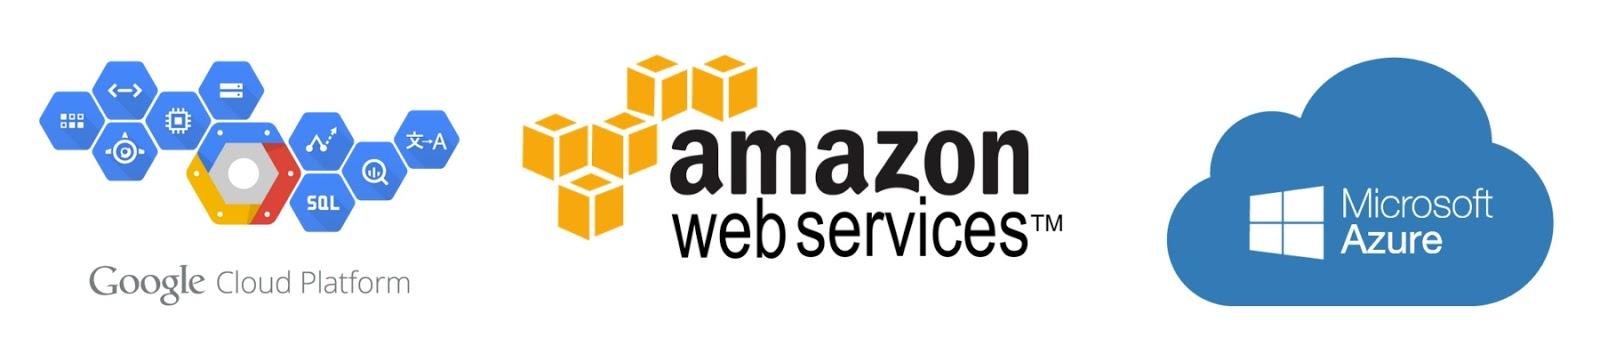 Легкий тест производительности облачных платформ AWS, Google Cloud и Micros ...